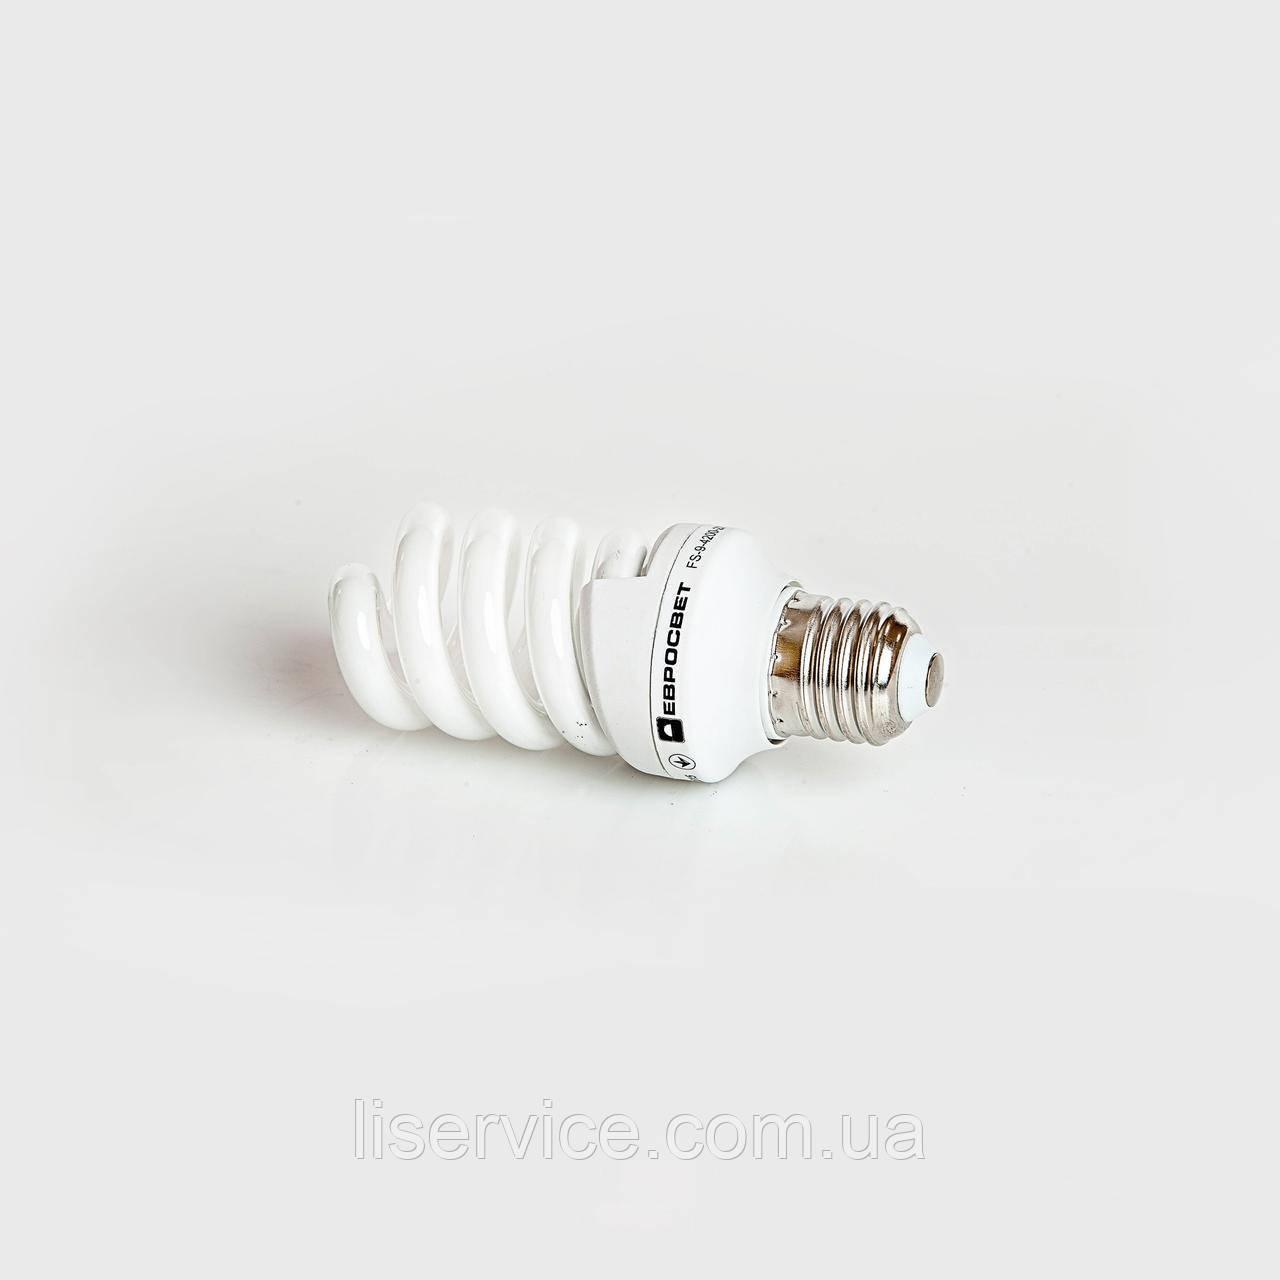 Лампа энергосберегающая Евросвет FS-9-4200-27 220-240